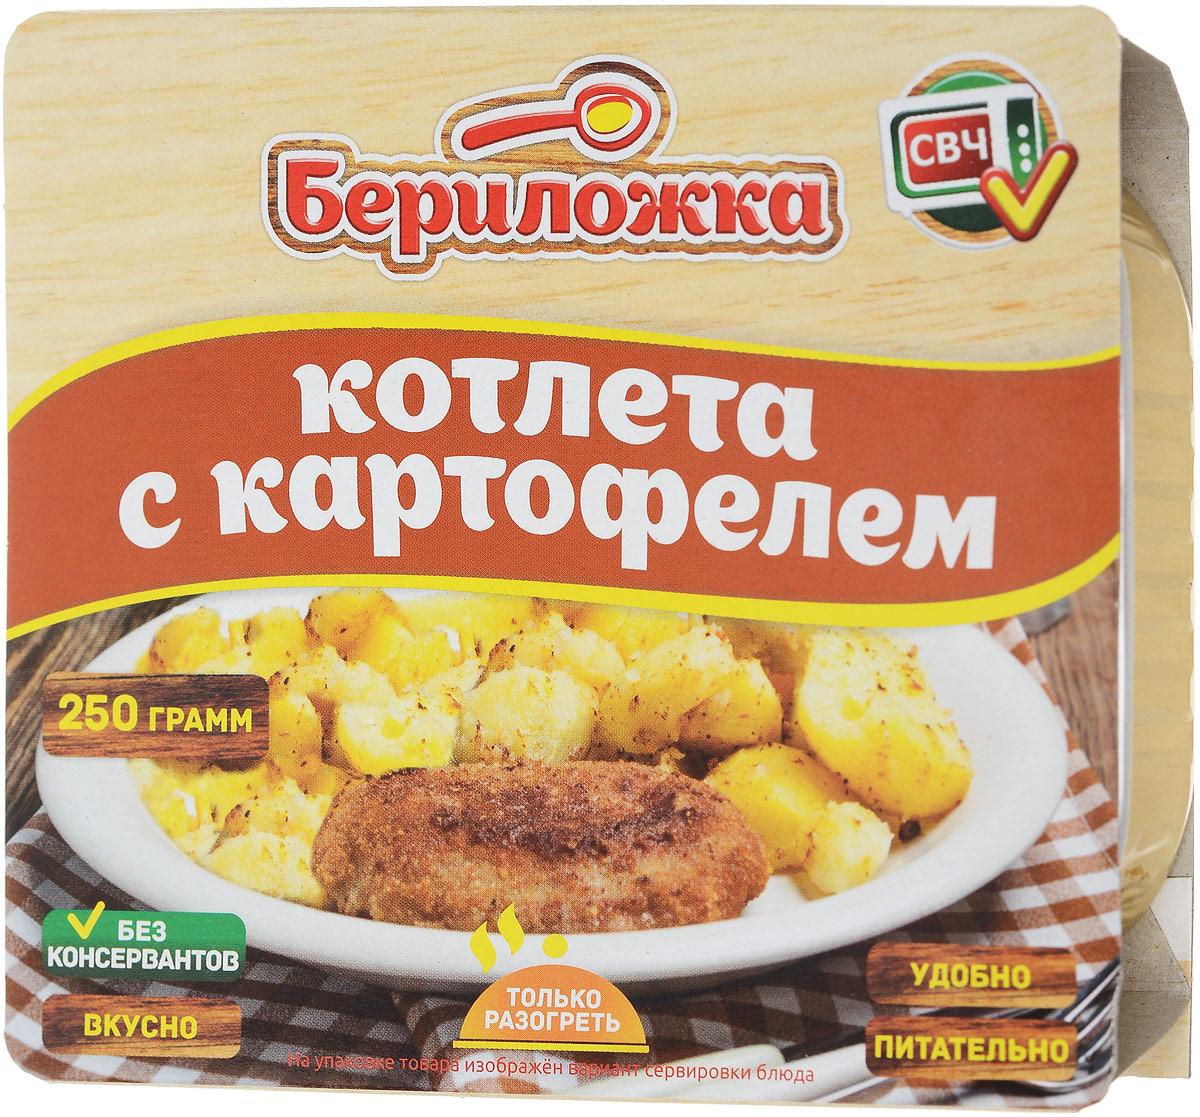 Бериложка котлета с картофелем, 250 г